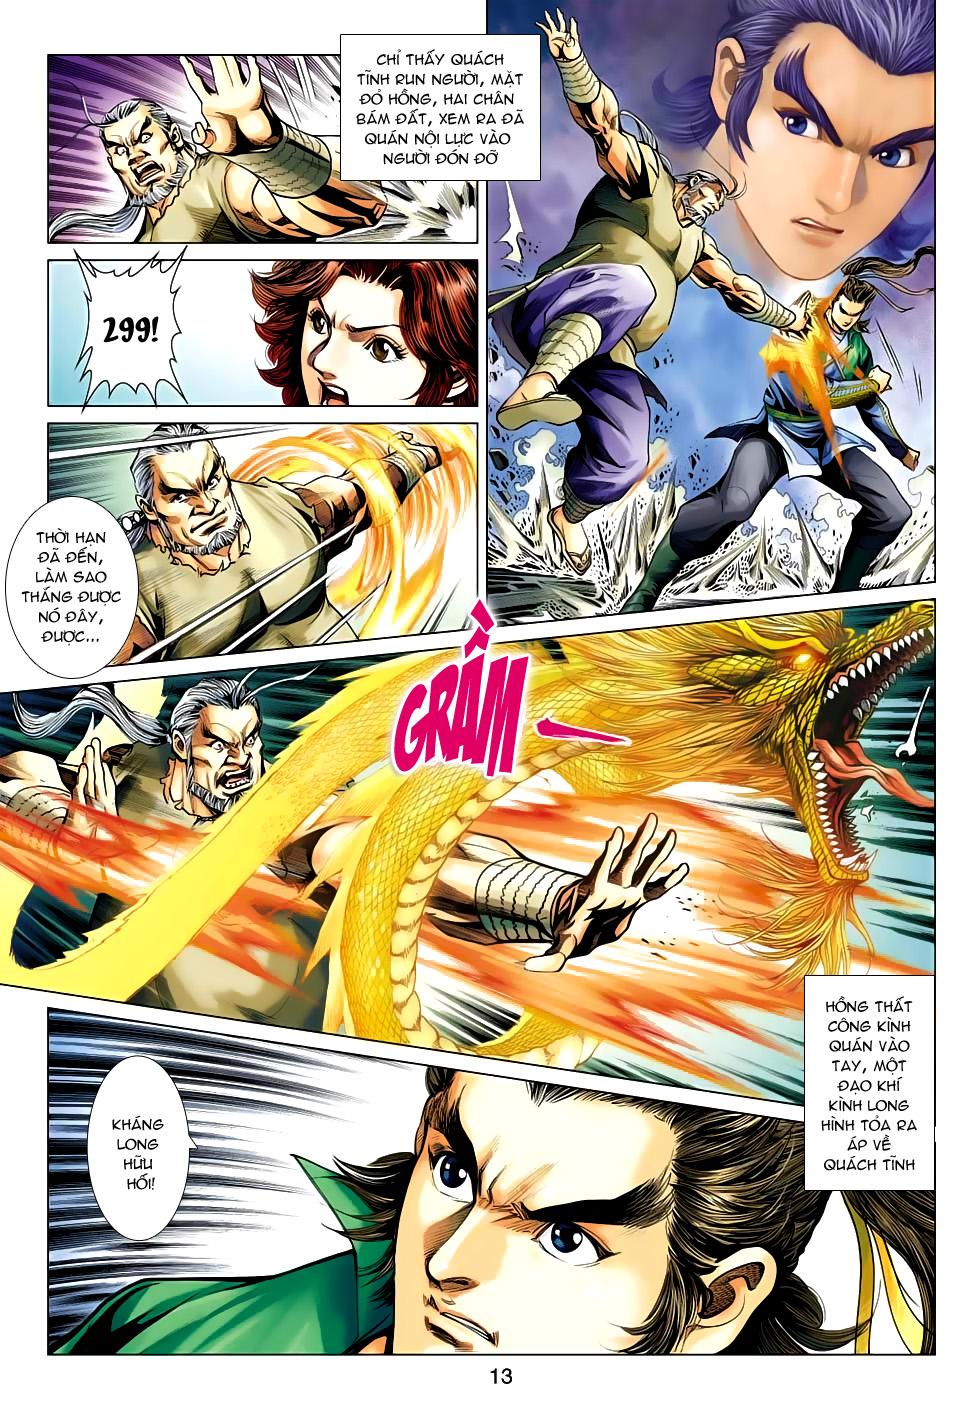 Xạ Điêu Anh Hùng Truyện chap 100 – End Trang 13 - Mangak.info